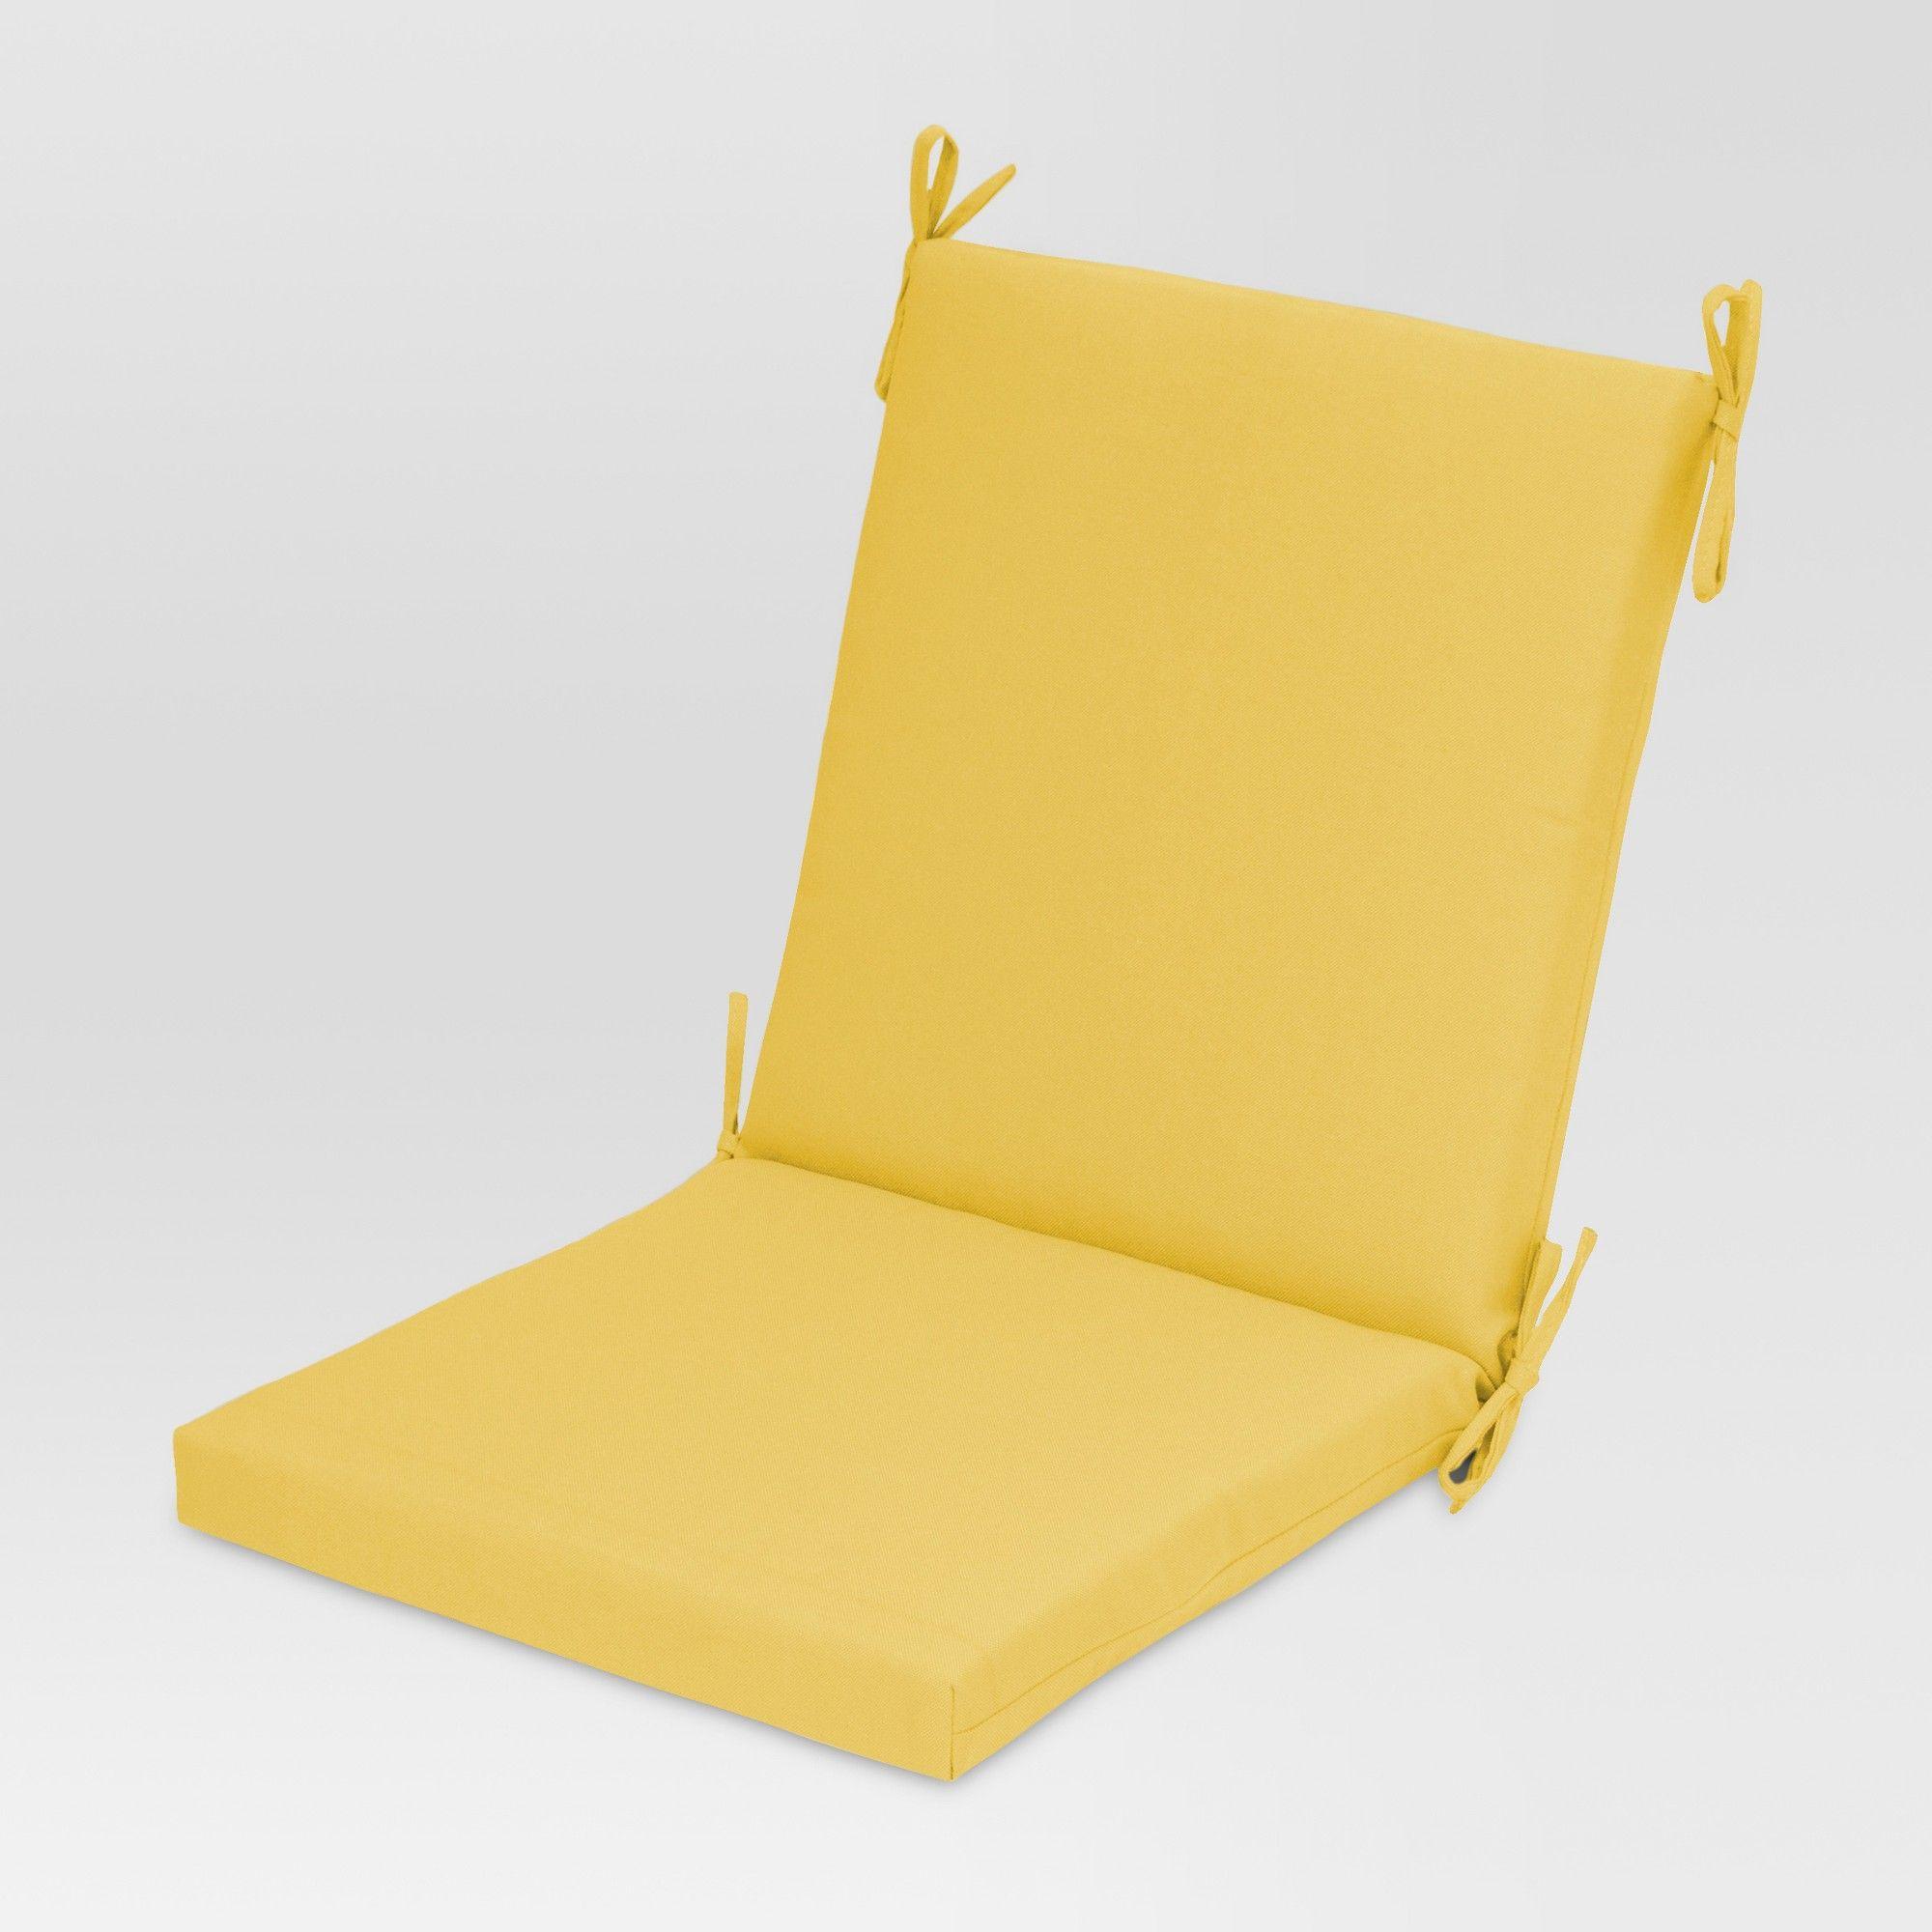 Chair Cushion Yellow Threshold Chair Cushions Outdoor Chair